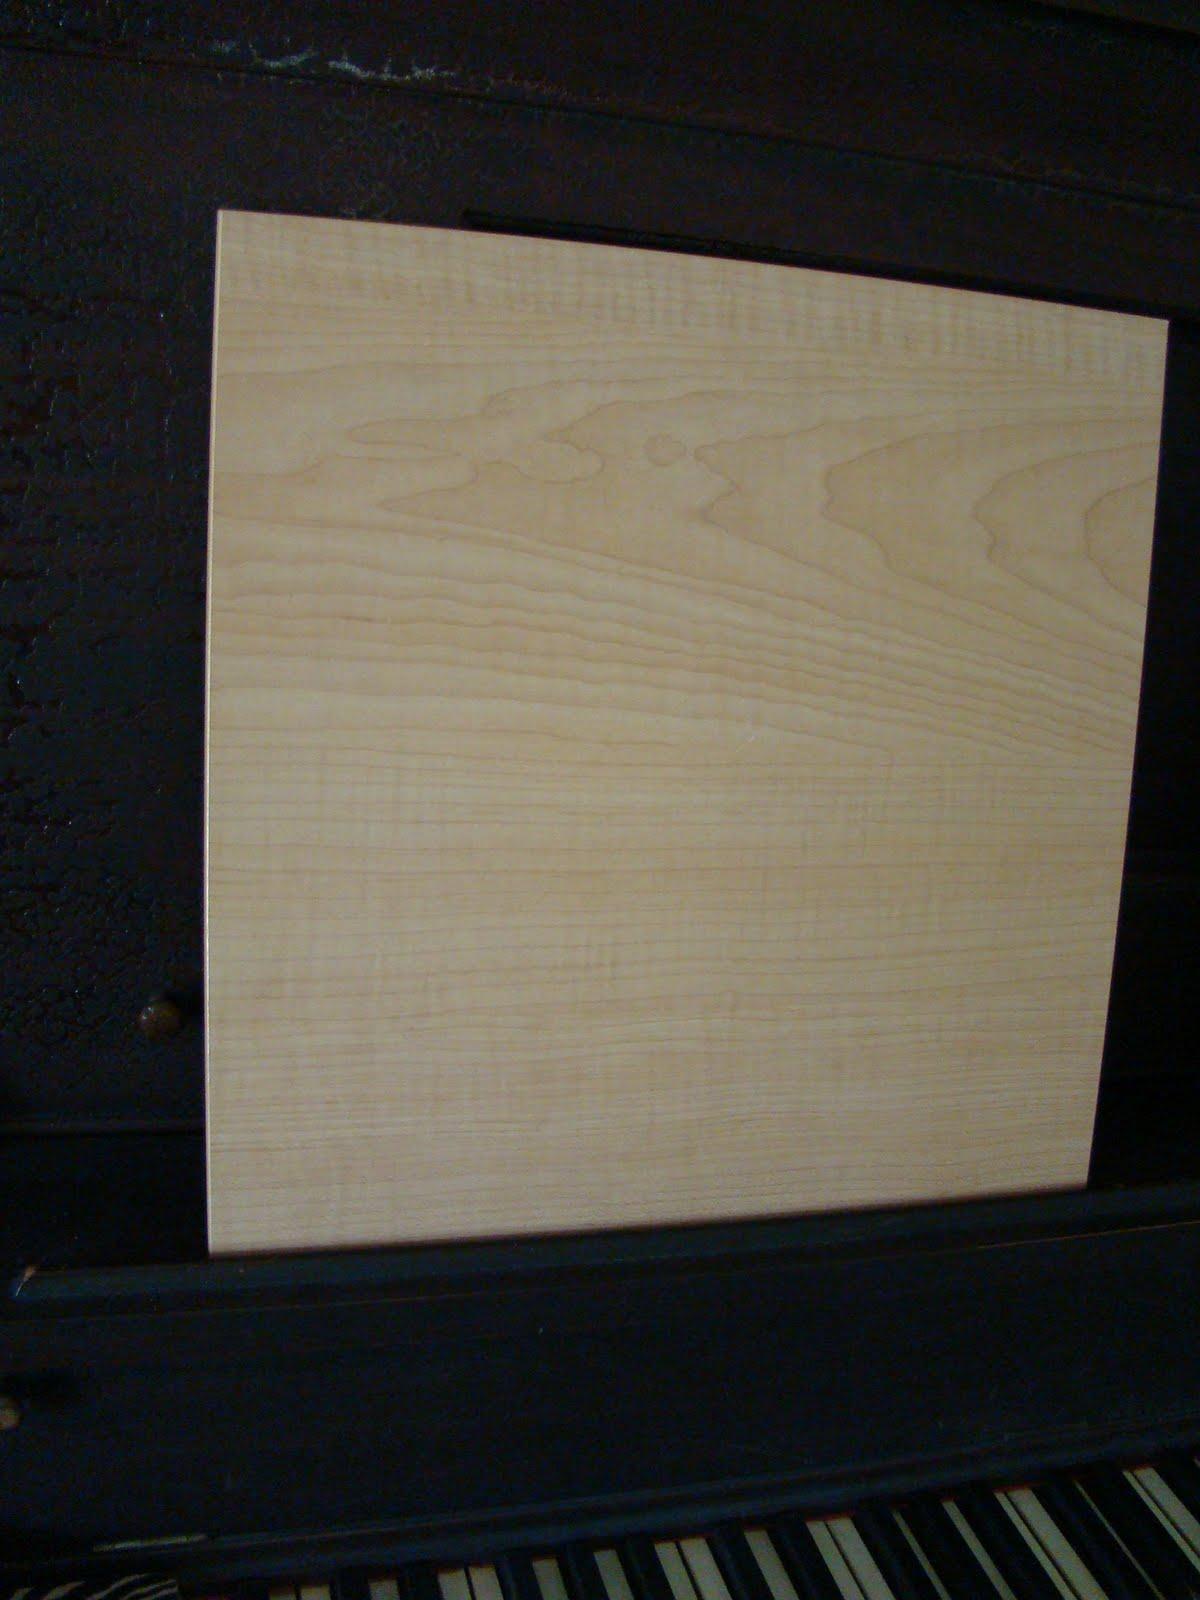 Vinyl Contact Paper Home Depot : Contact paper home depot